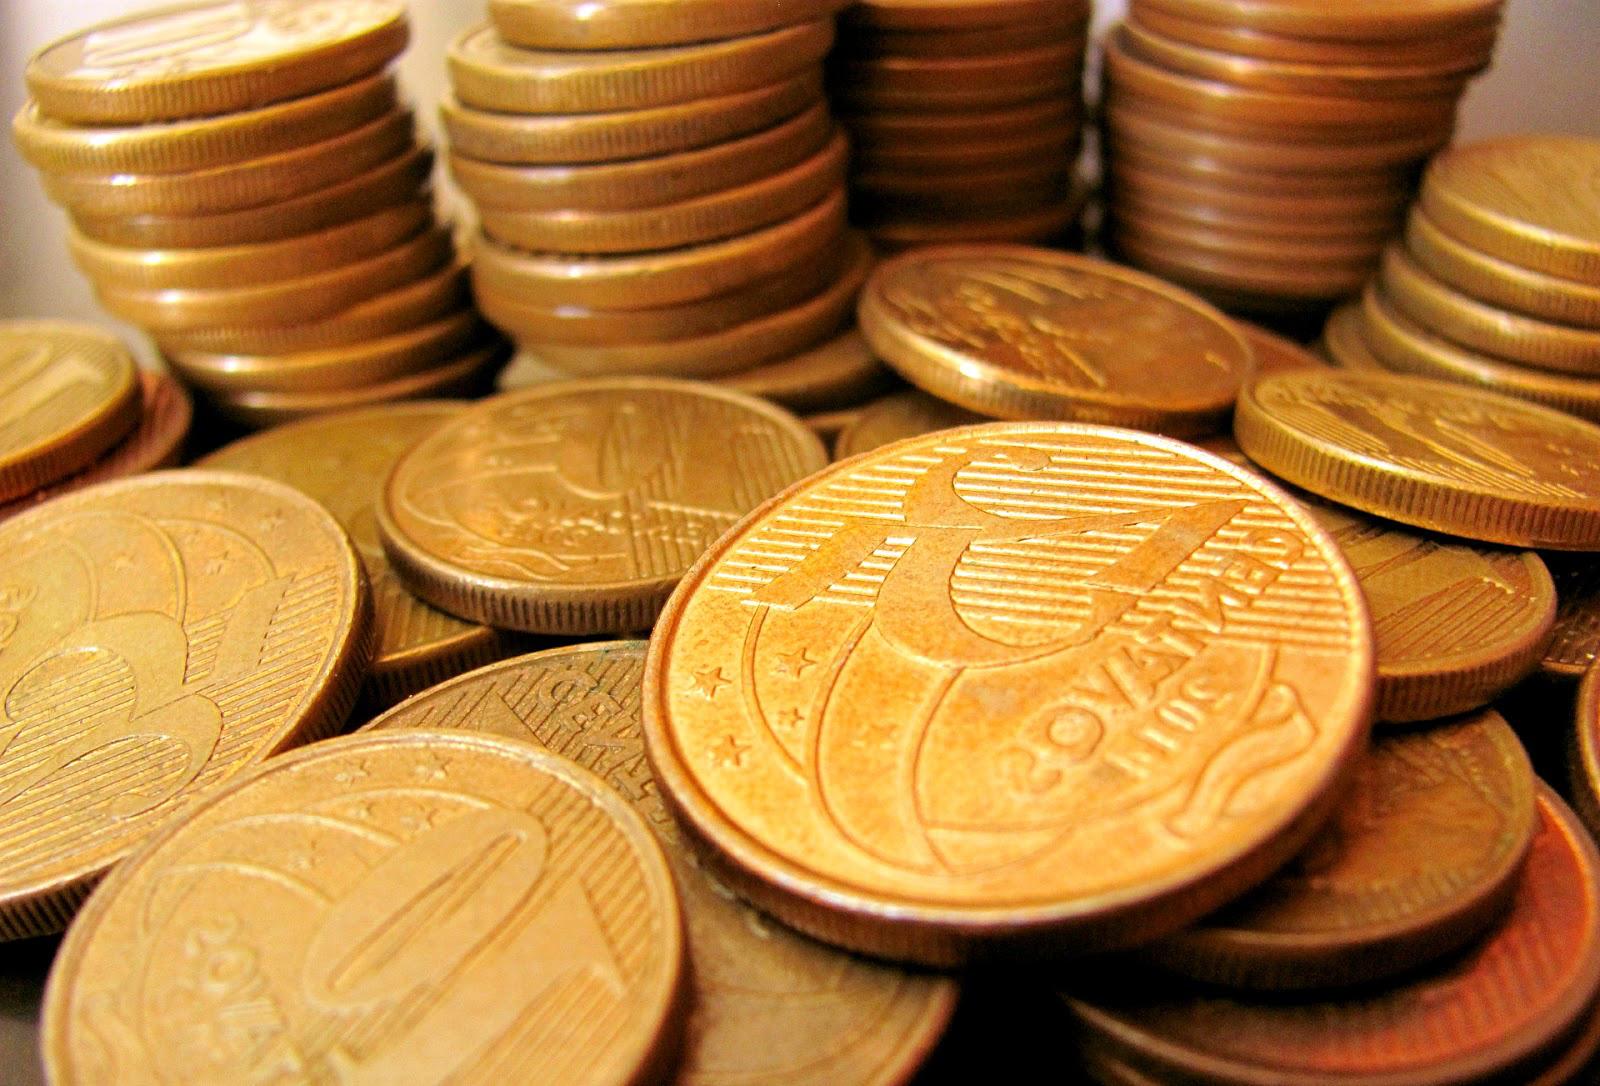 Không nên mua vàng ngay lúc này nếu chưa biết được 5 lưu ý sau đây - Ảnh 3.